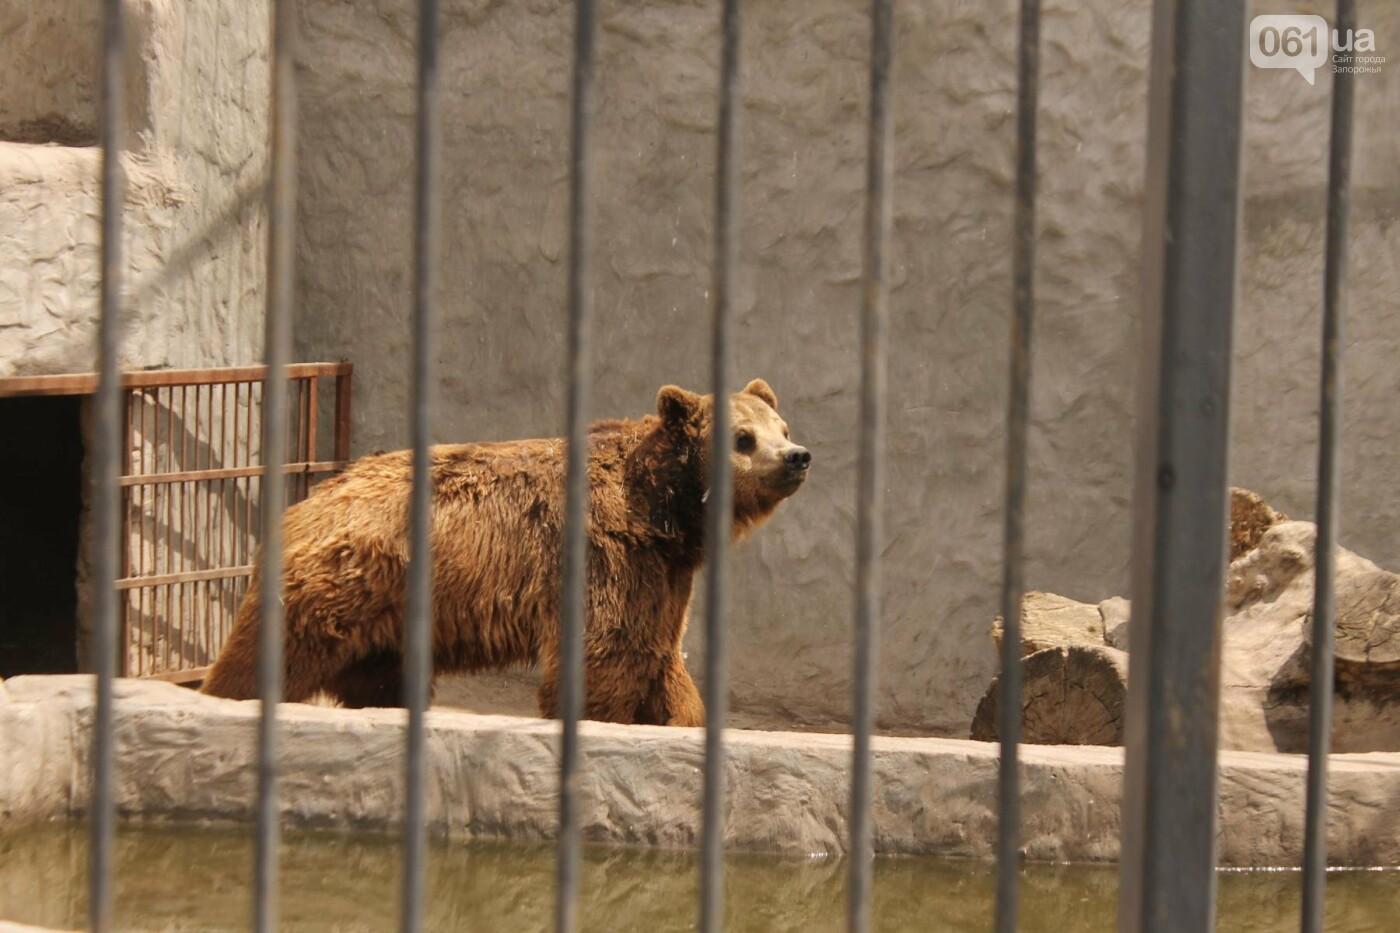 В доме с хищниками: как Александр Пылышенко прожил 36 дней с львицей и построил в Васильевке уникальный зоопарк, фото-21